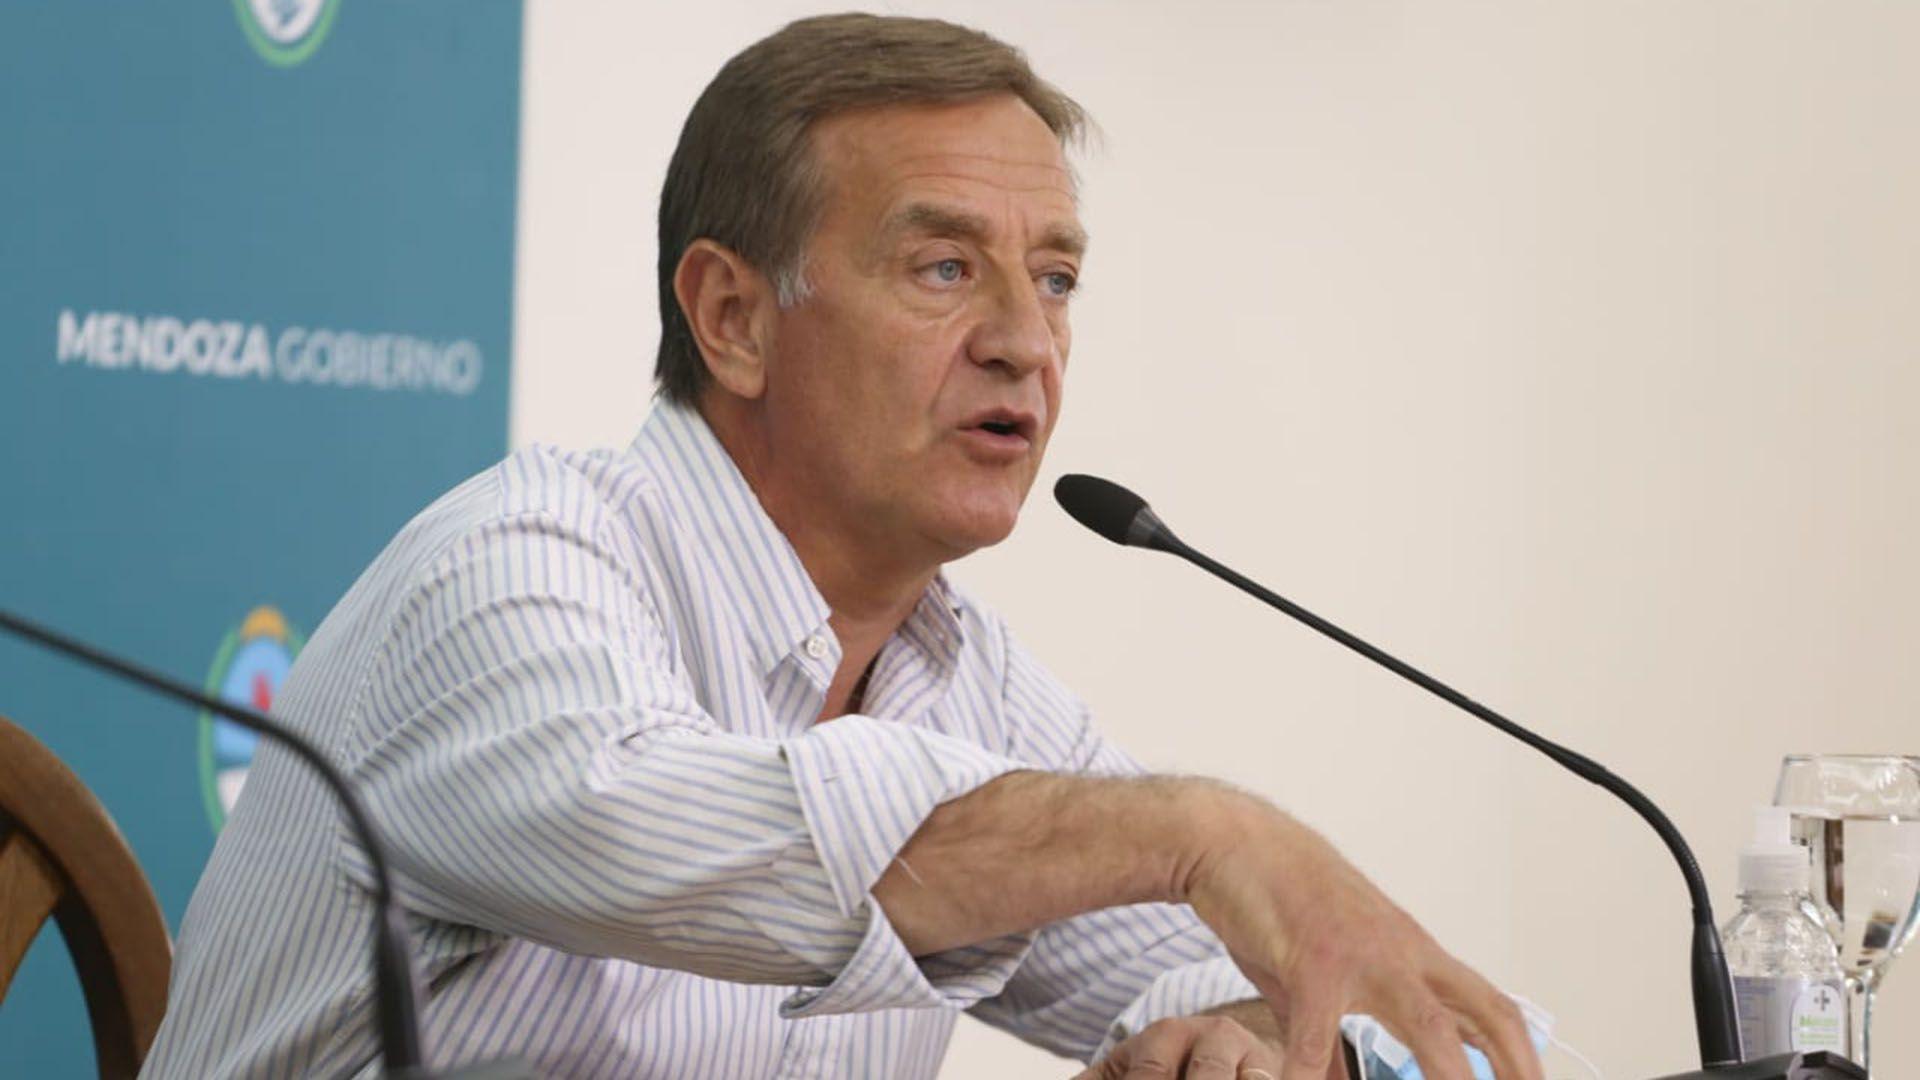 rodolfo suarez Gobernador de Mendoza